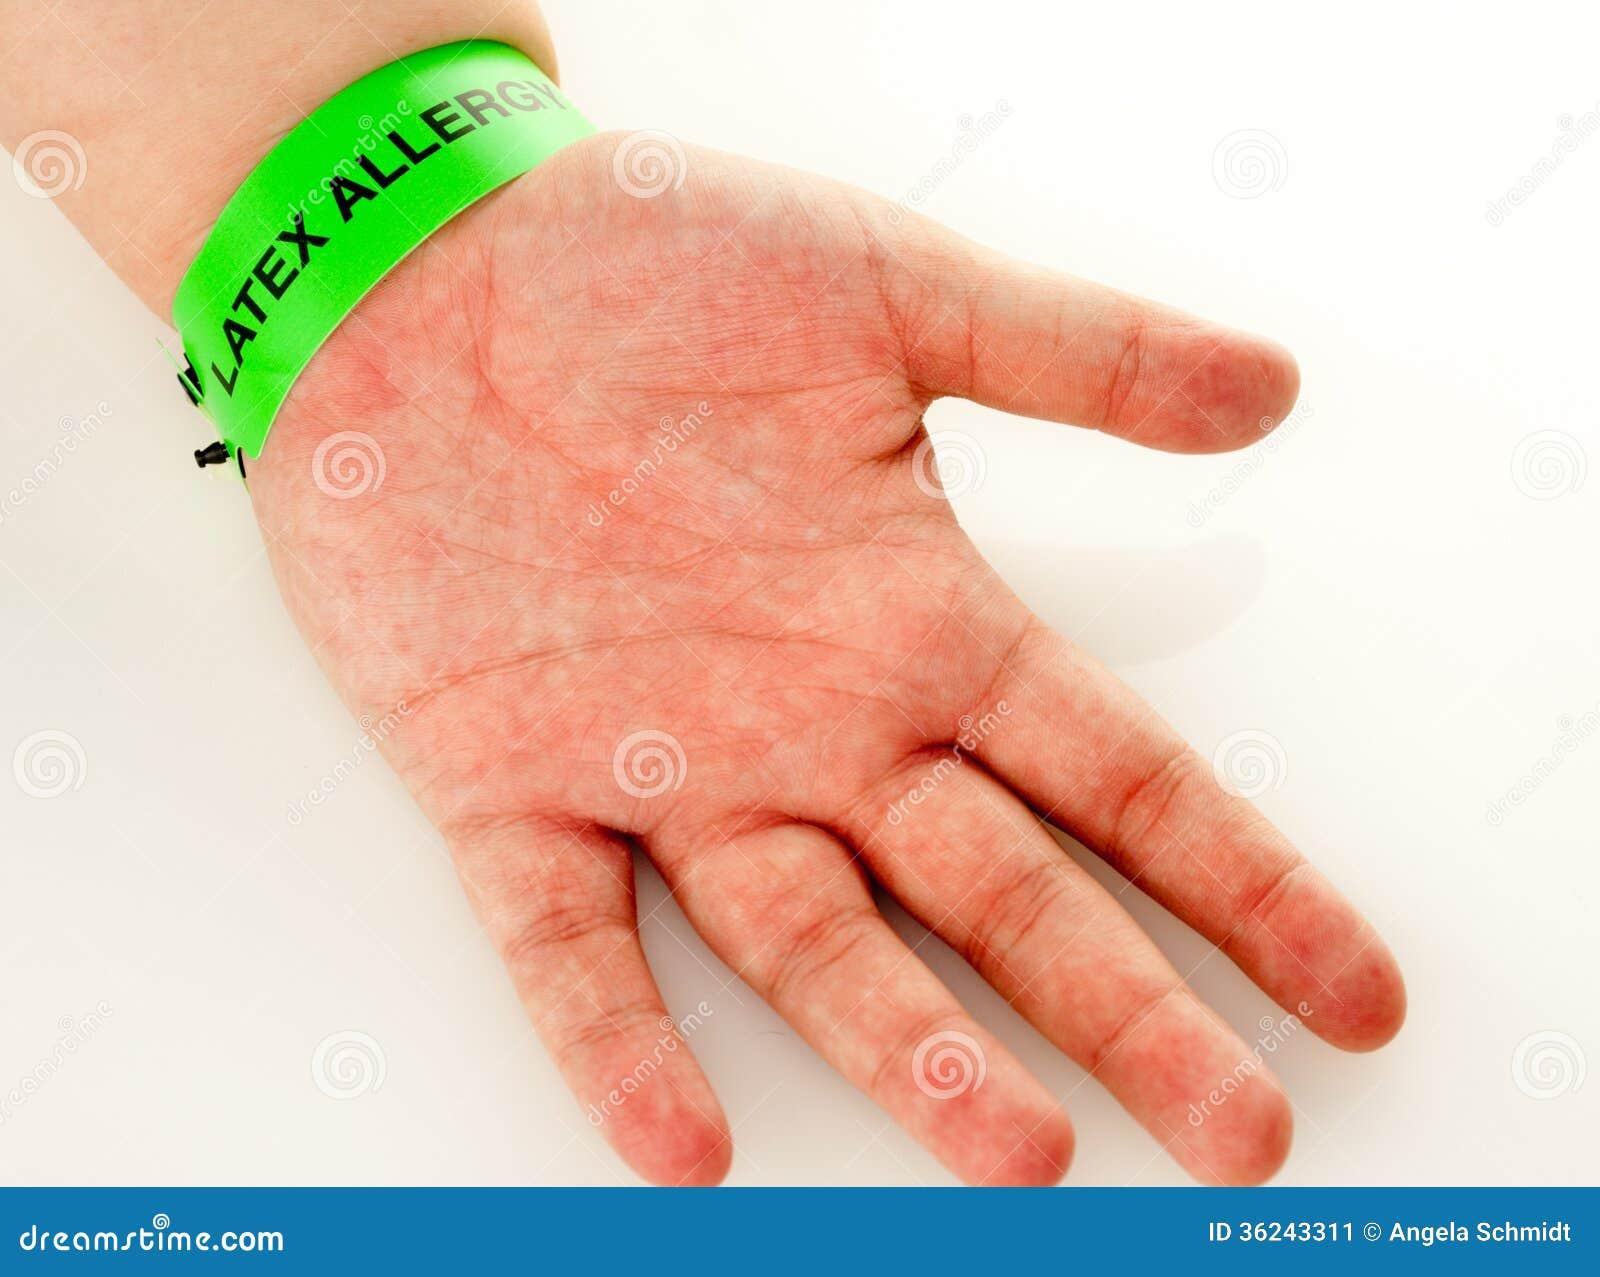 Latex Allergie Hautausschlag